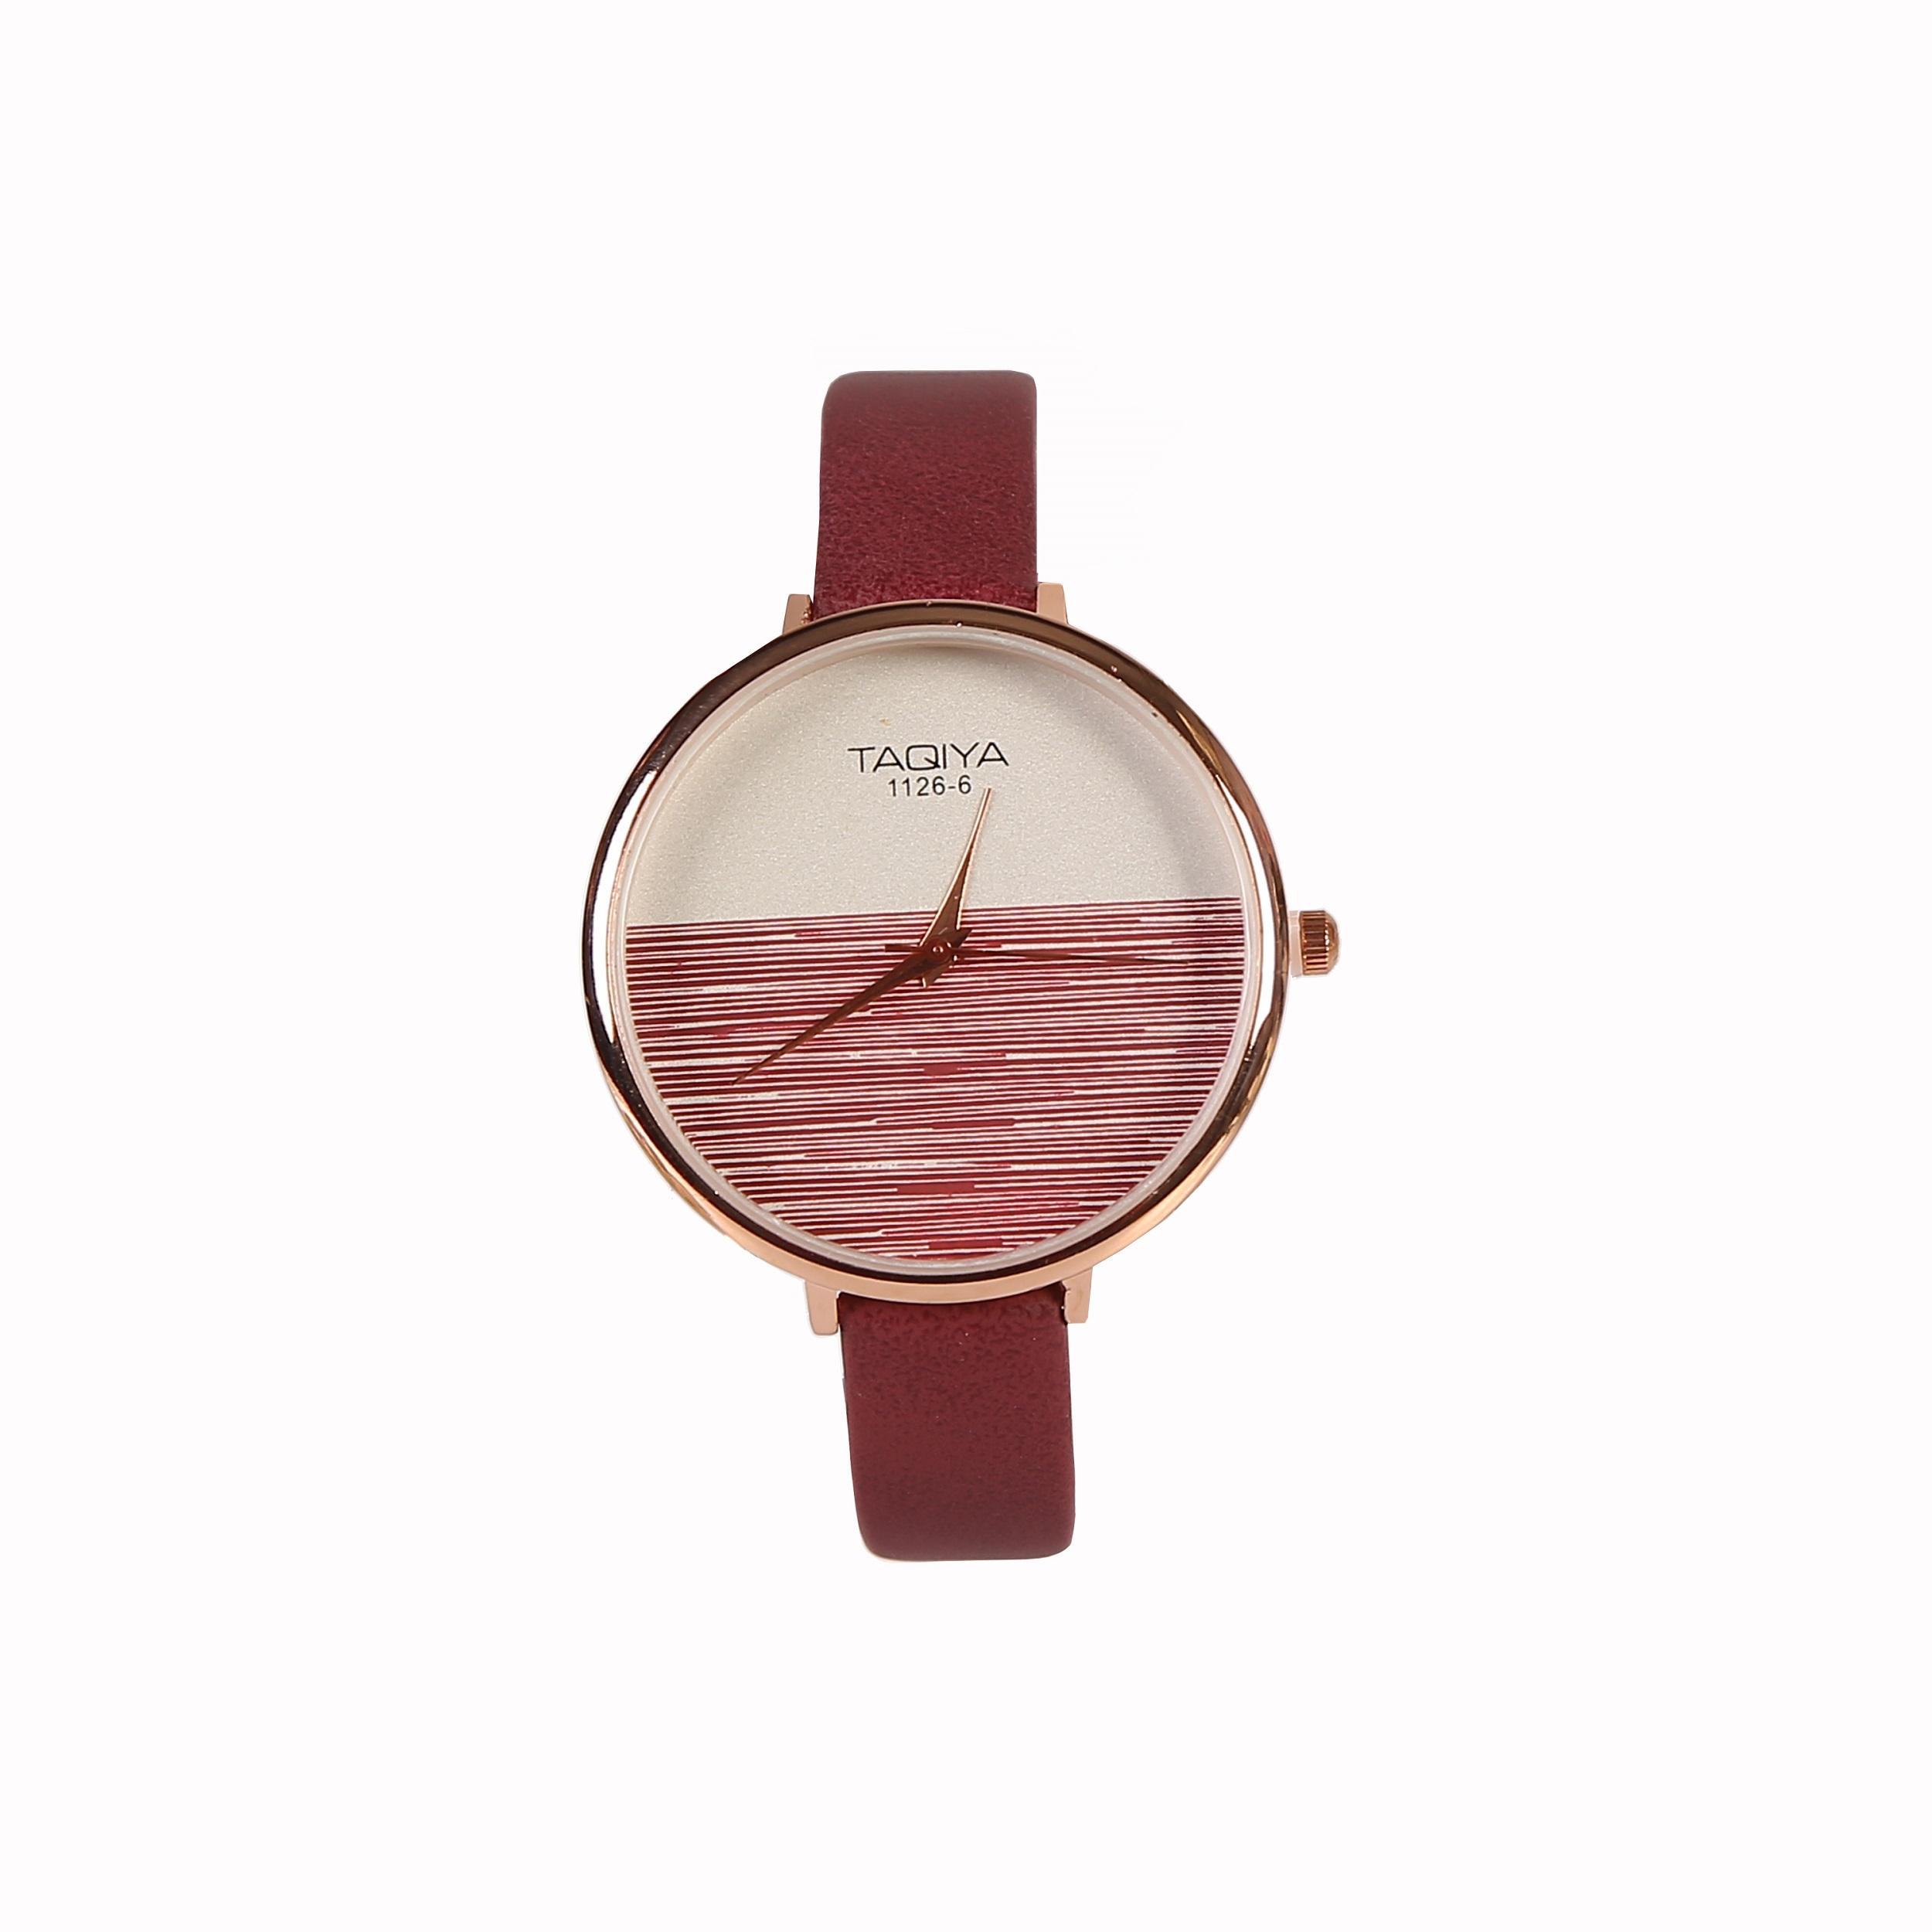 ساعت مچی عقربه ای زنانه تاکیا مدل 1125 23